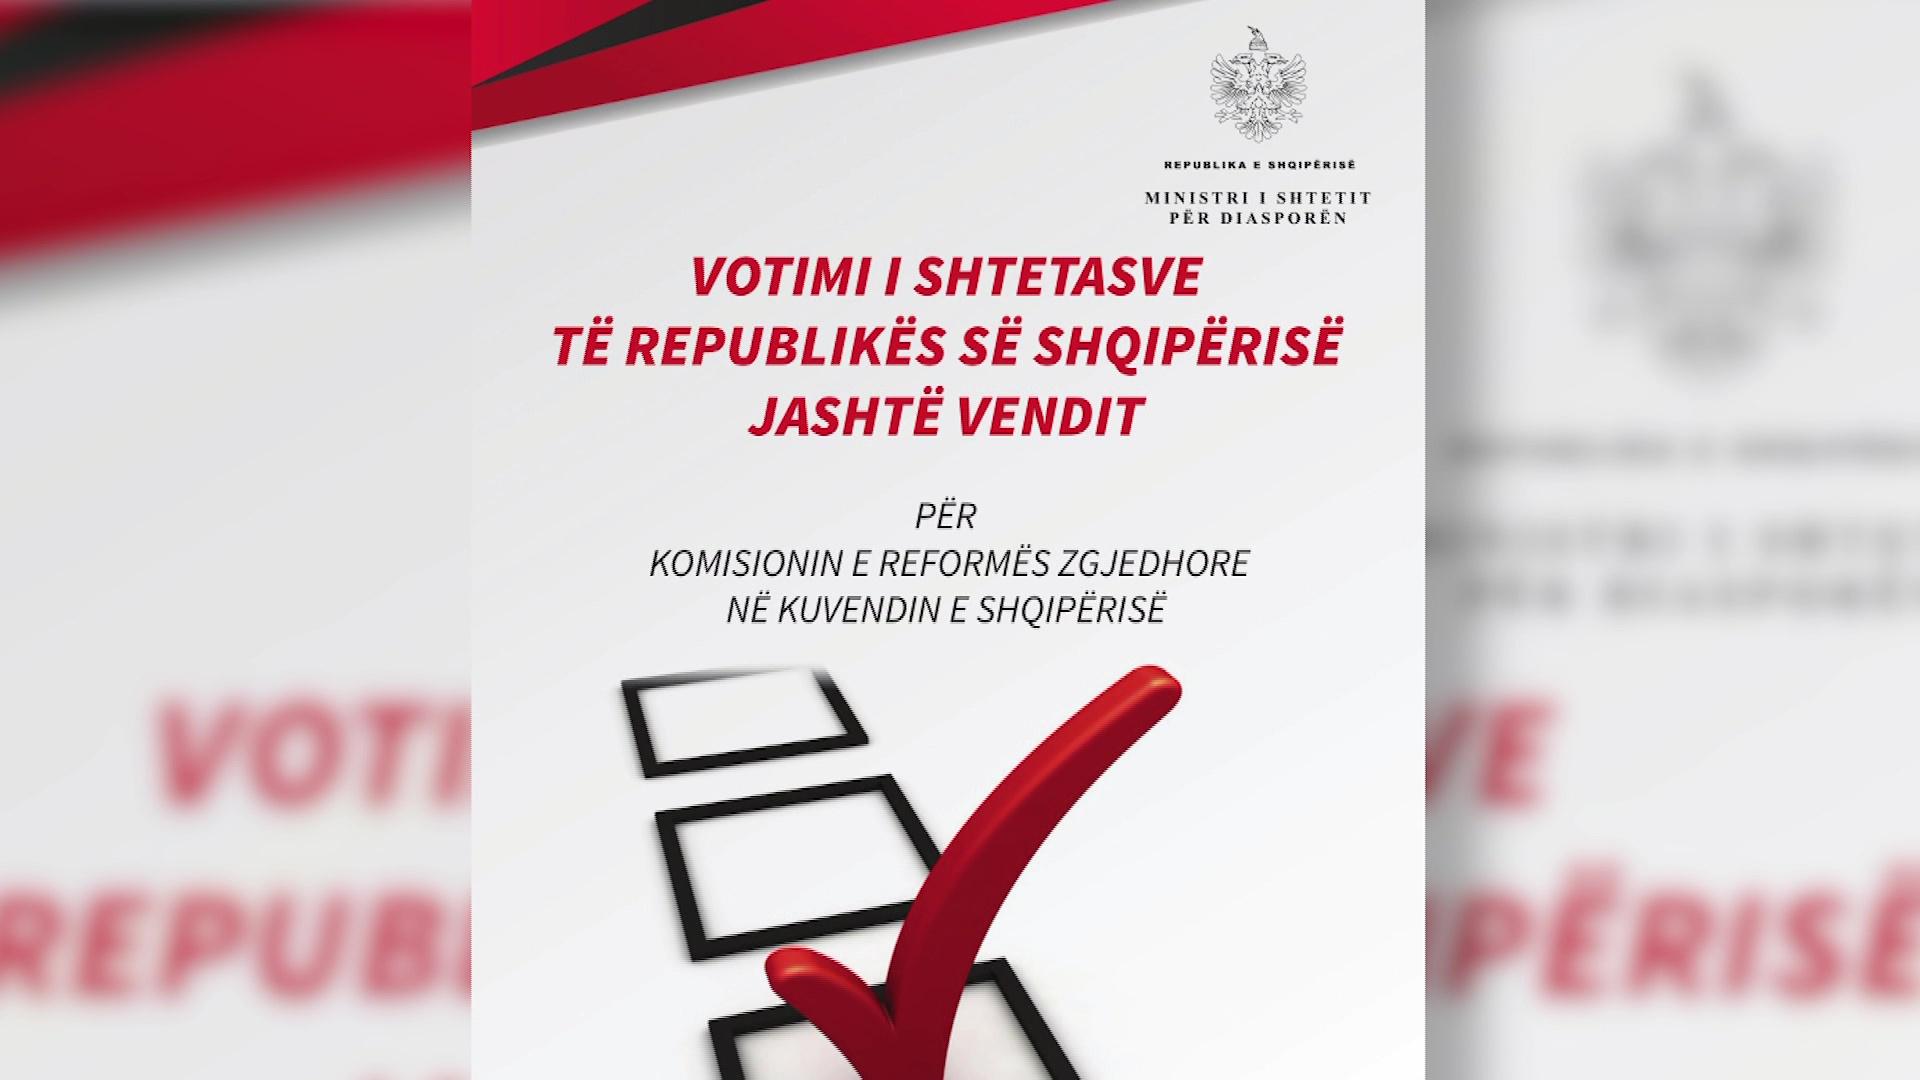 Propozimet e Ministrisë së Diasporës për votën e emigrantëve, ekspertët kundër